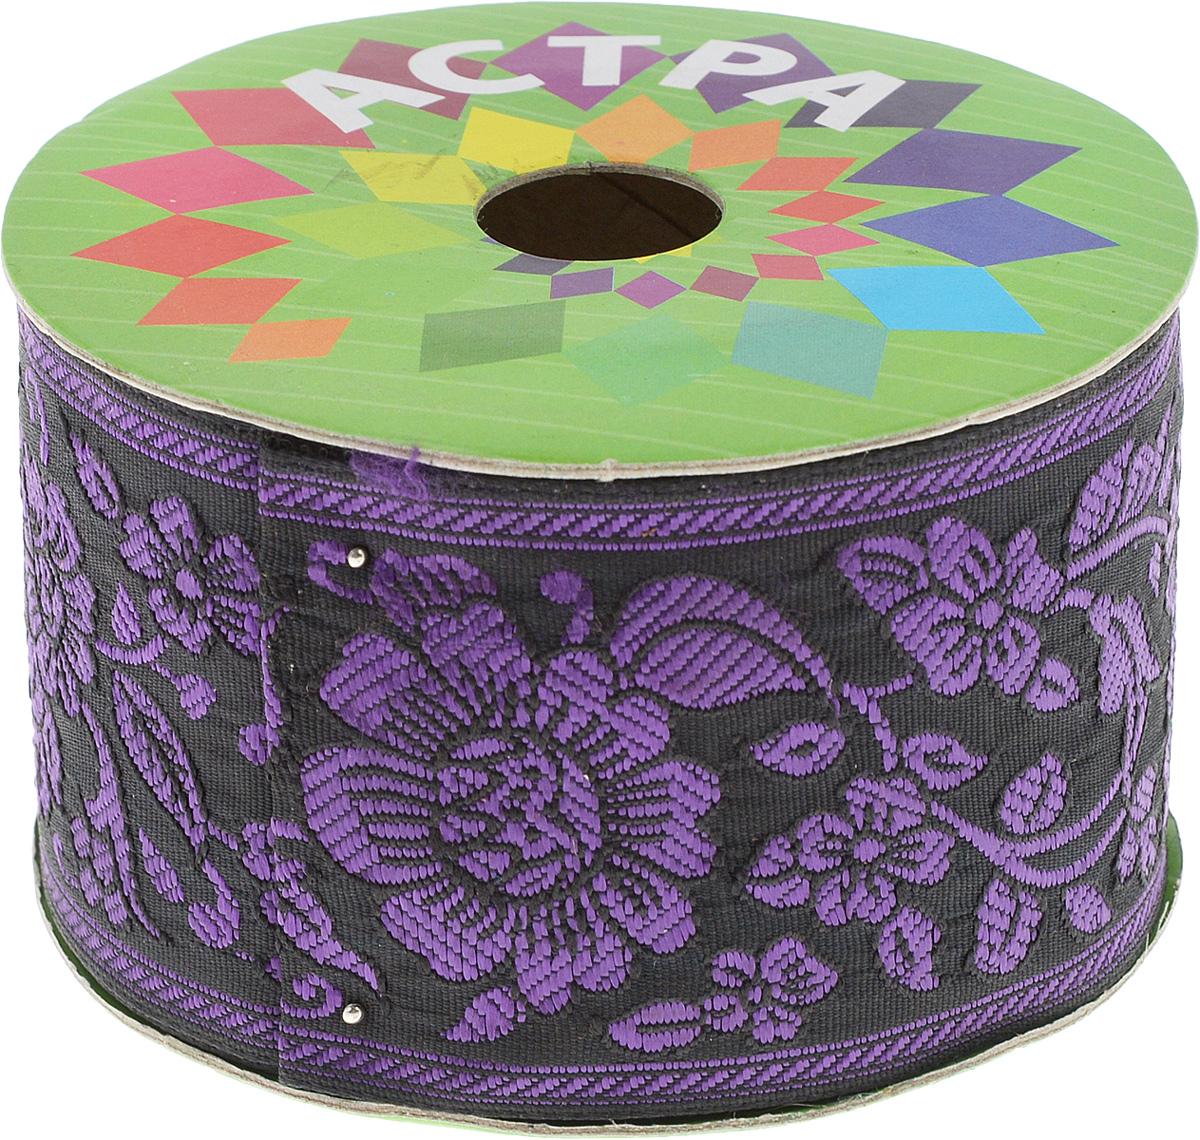 Тесьма декоративная Астра, цвет: фиолетовый (41), ширина 6 см, длина 9 м. 77034307703430_41Декоративная тесьма Астра выполнена из текстиля и оформлена оригинальным жаккардовым орнаментом. Такая тесьма идеально подойдет для оформления различных творческих работ таких, как скрапбукинг, аппликация, декор коробок и открыток и многое другое. Тесьма наивысшего качества и практична в использовании. Она станет незаменимым элементом в создании рукотворного шедевра. Ширина: 6 см. Длина: 9 м.